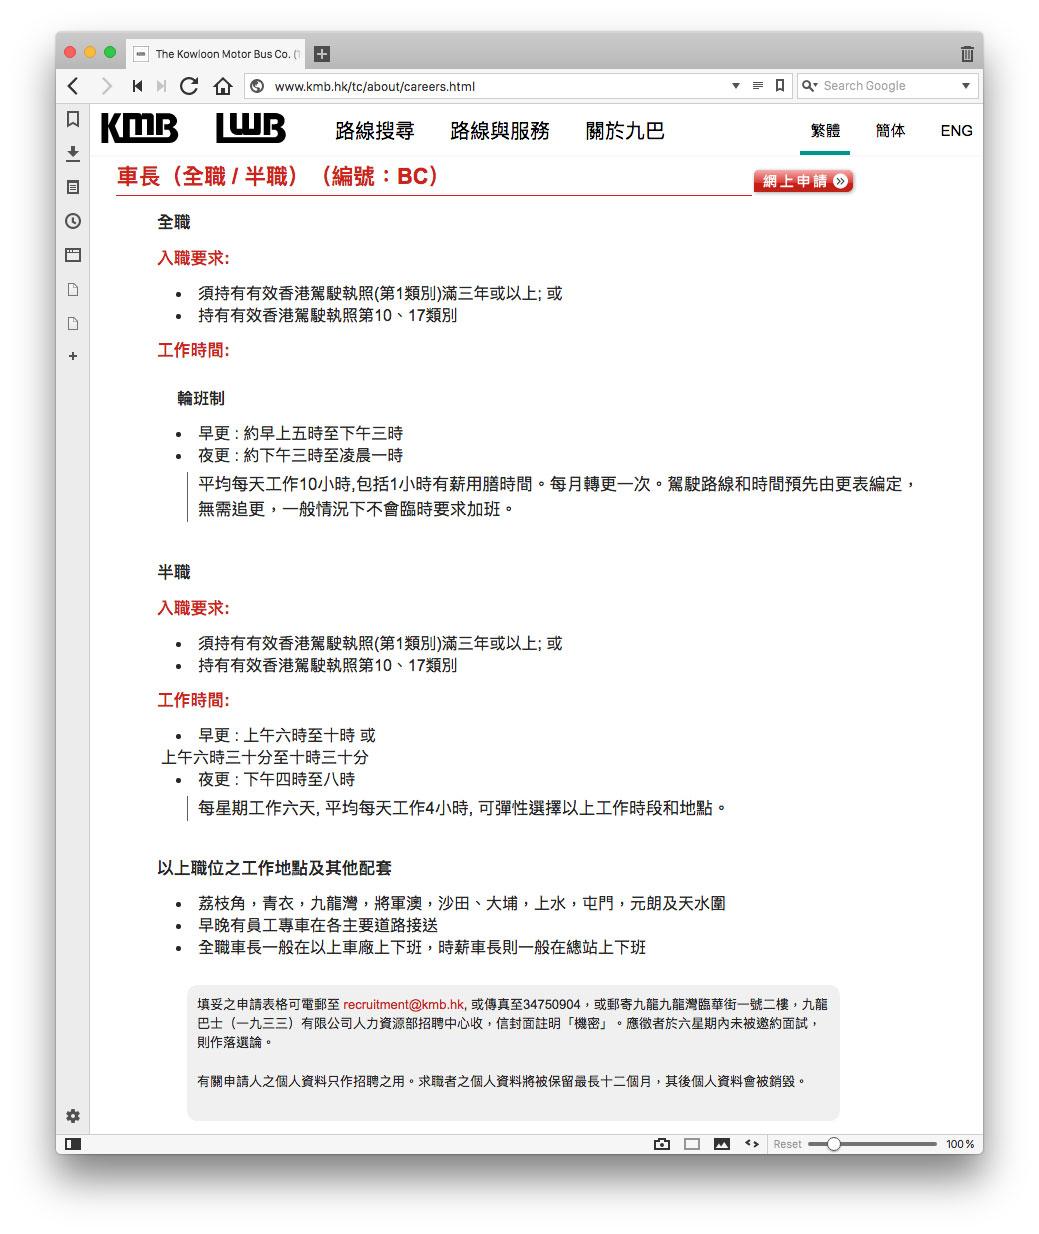 九巴招聘網頁在昨日已更新,撤下「兼職車長」的聘請廣告。(九巴網頁擷圖)